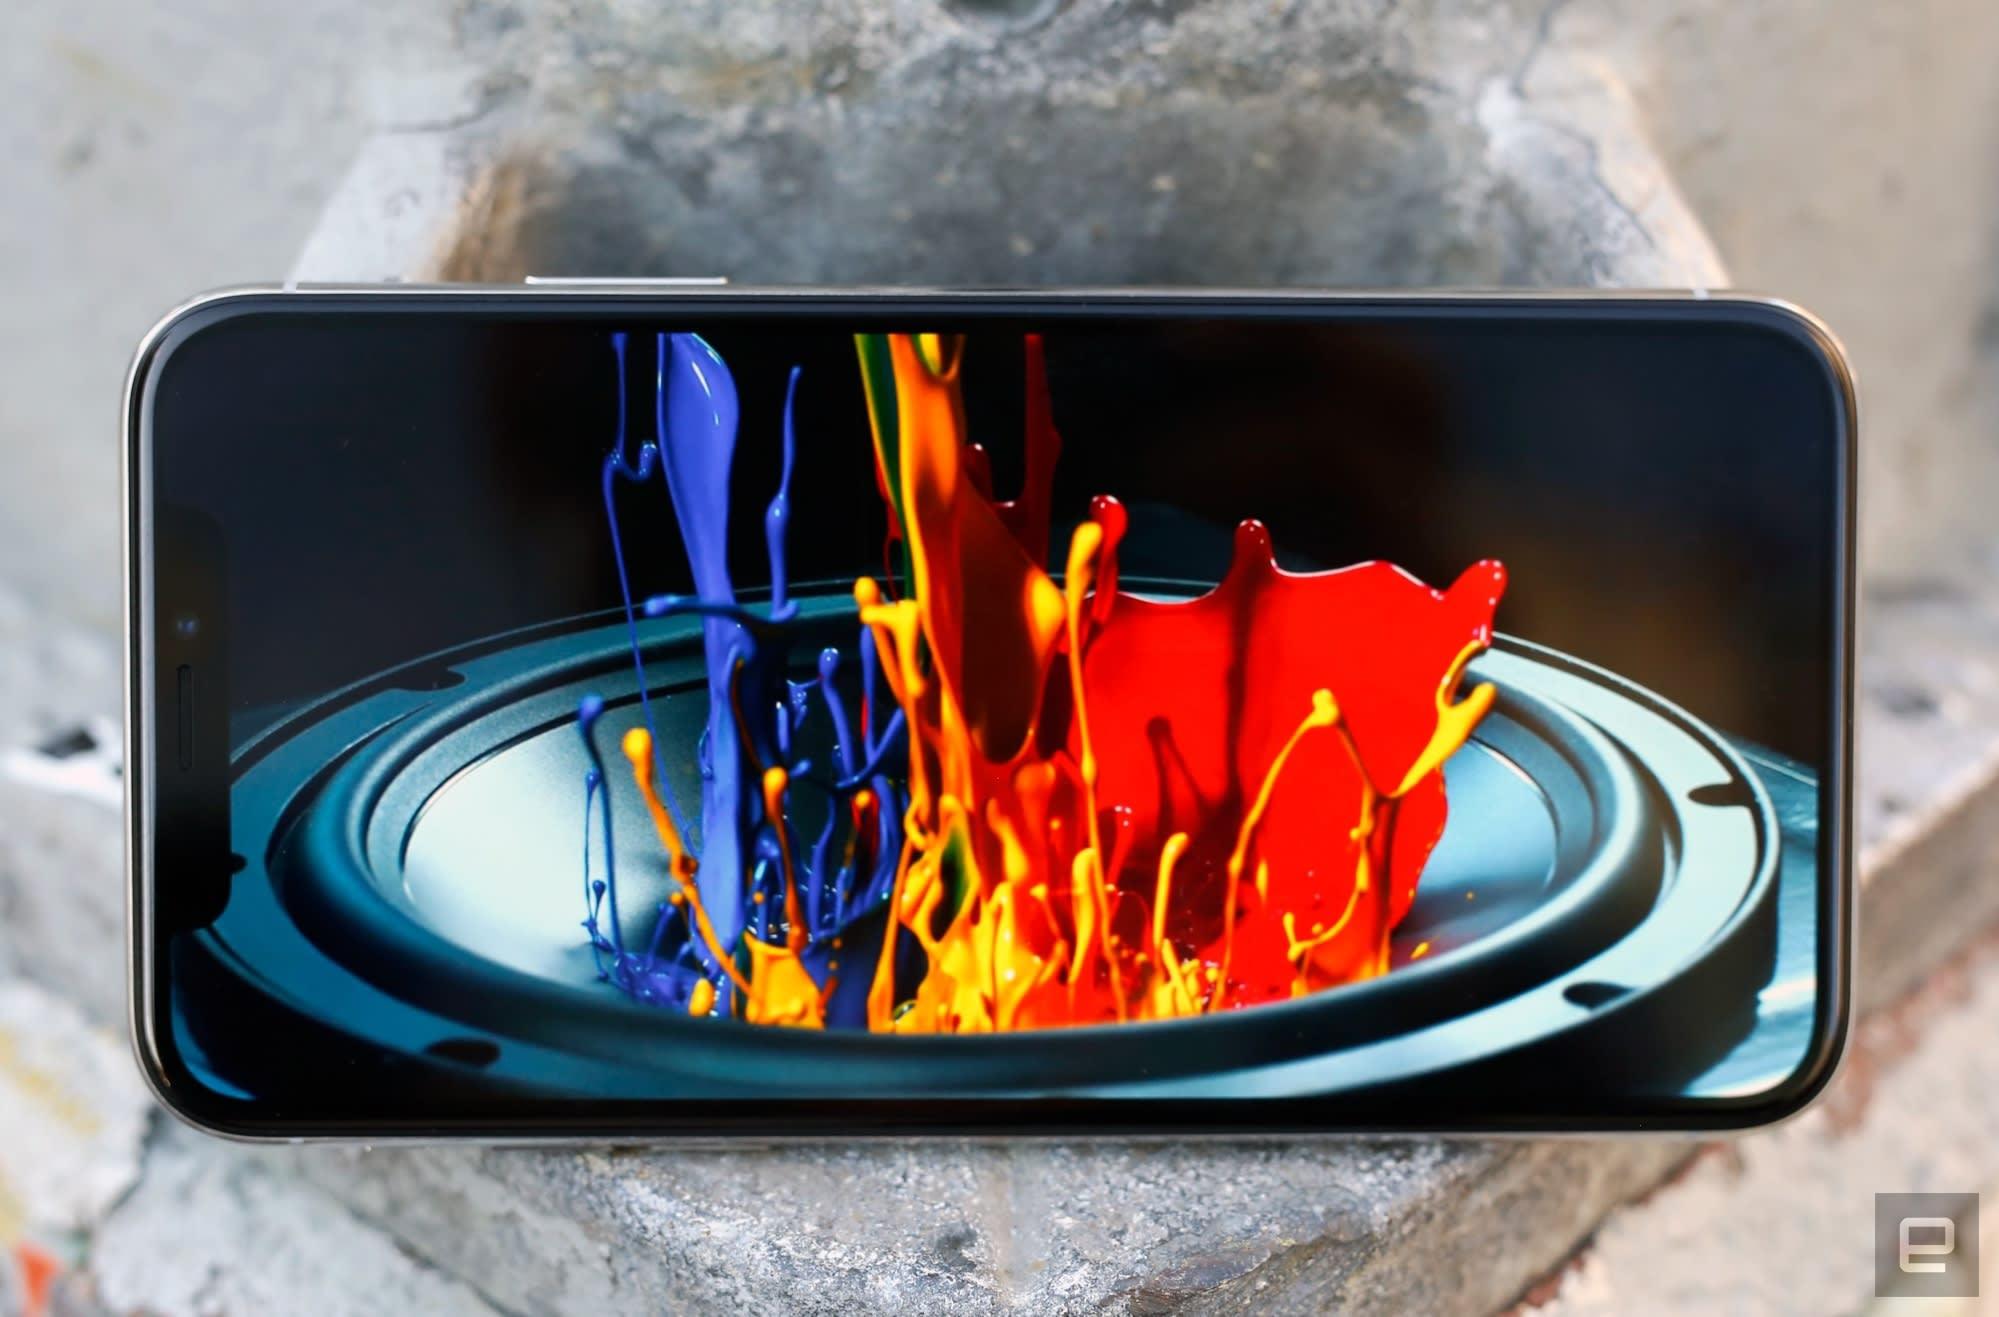 wholesale dealer 563a2 00f76 Apple announces repair programs for iPhone X, MacBook Pro problems